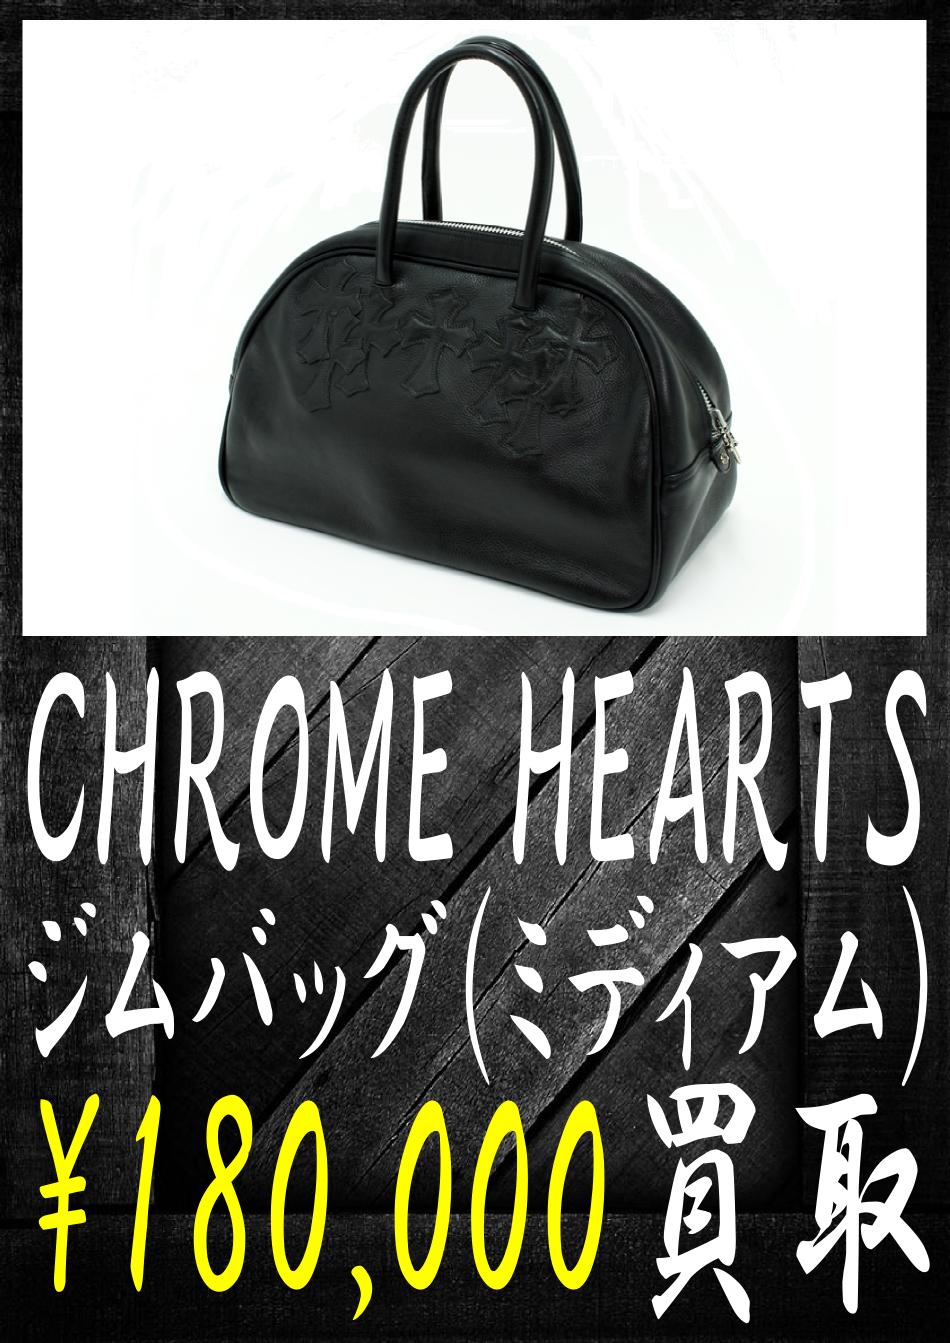 クロムハーツのジムバッグ(ミディアム)-180000円買取です。